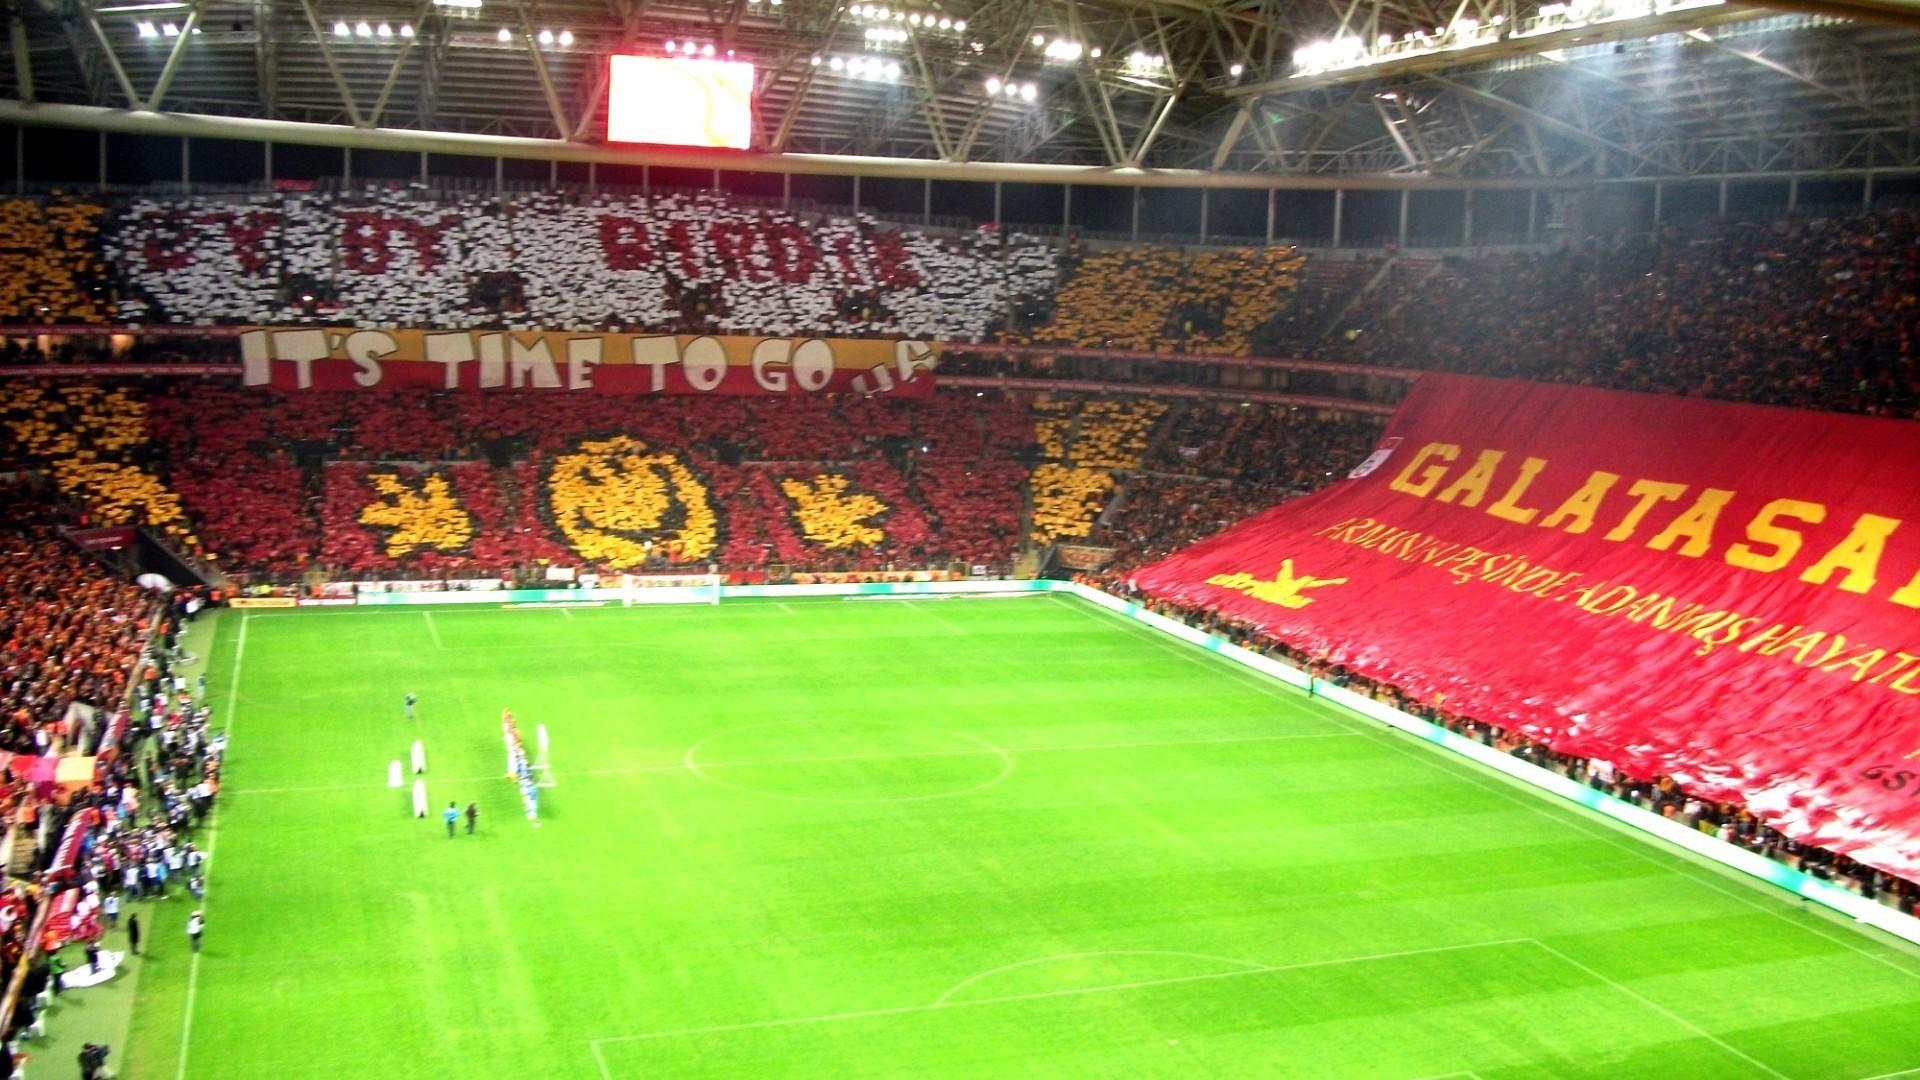 Soccer stadium galatasaray sk tt arena football fans wallpaper